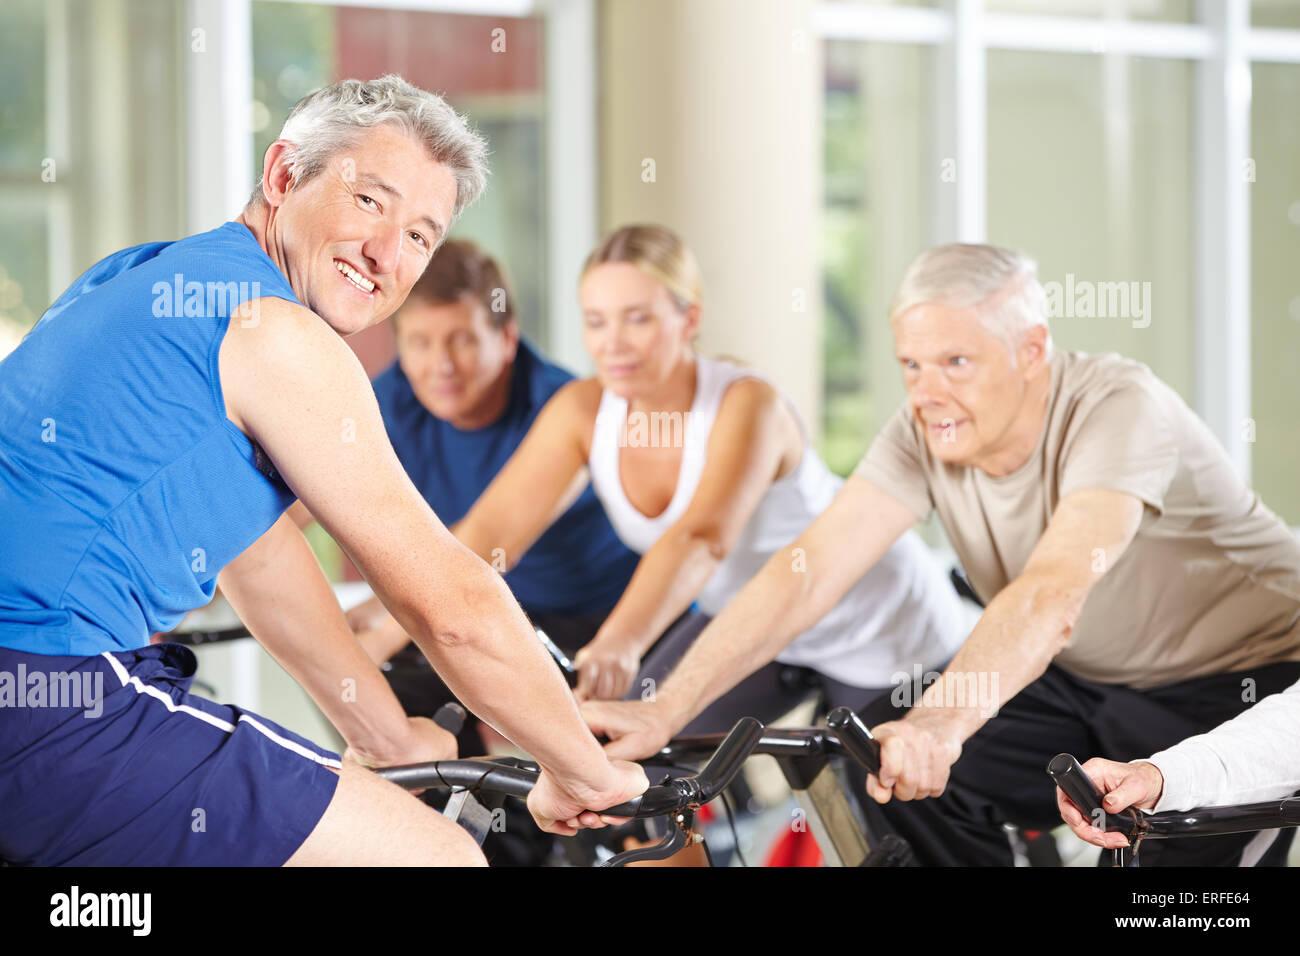 Happy Fitness-Trainer mit hochrangigen Gruppe auf spinning Bikes im Fitness-Studio Stockbild